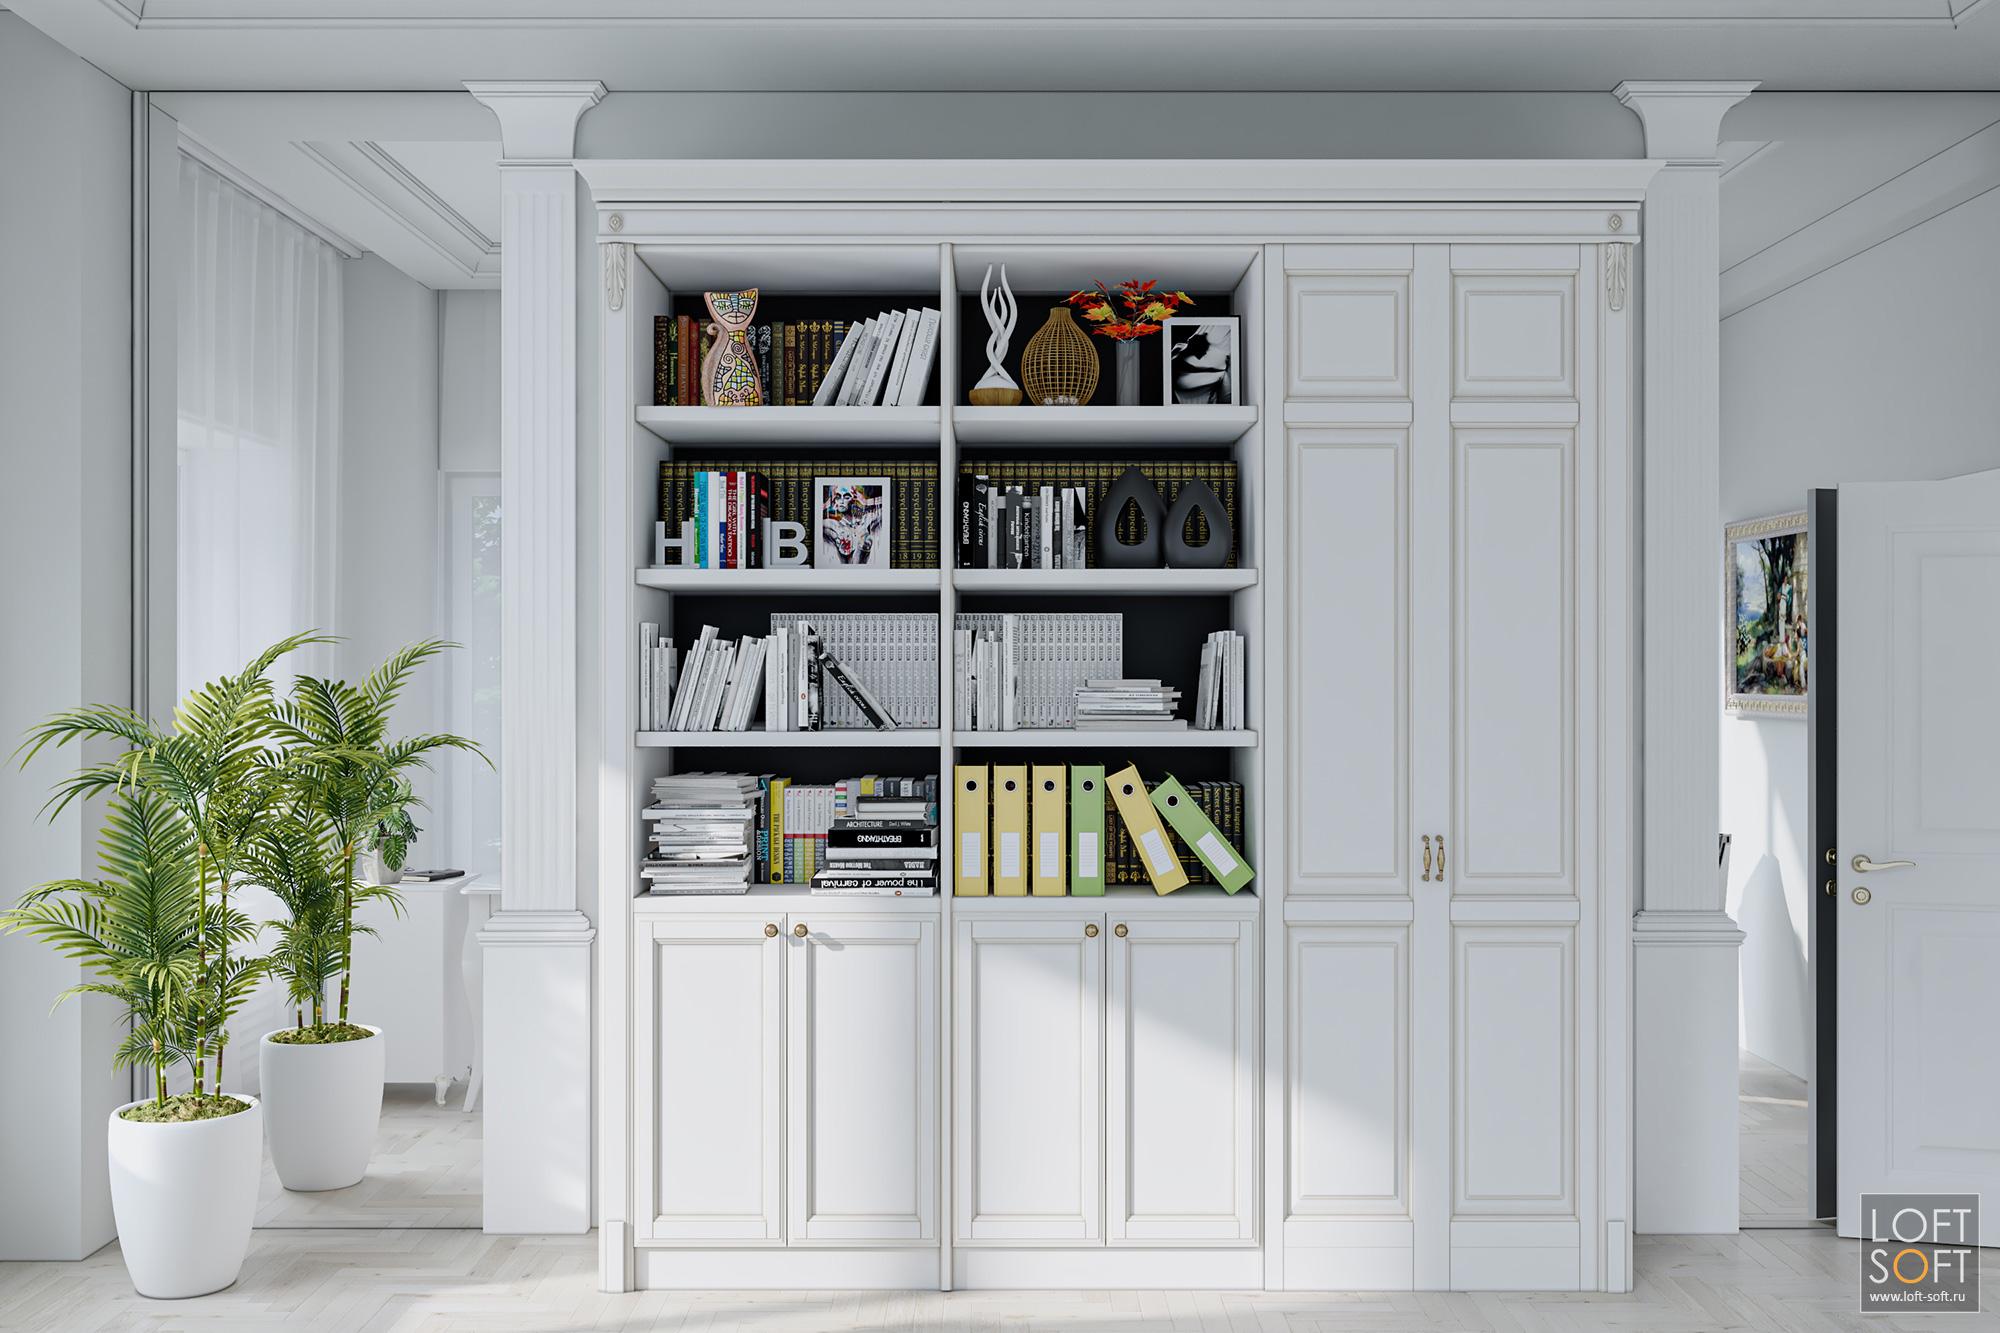 Дизайн офиса всером цвете, классическая мебель винтерьере офиса